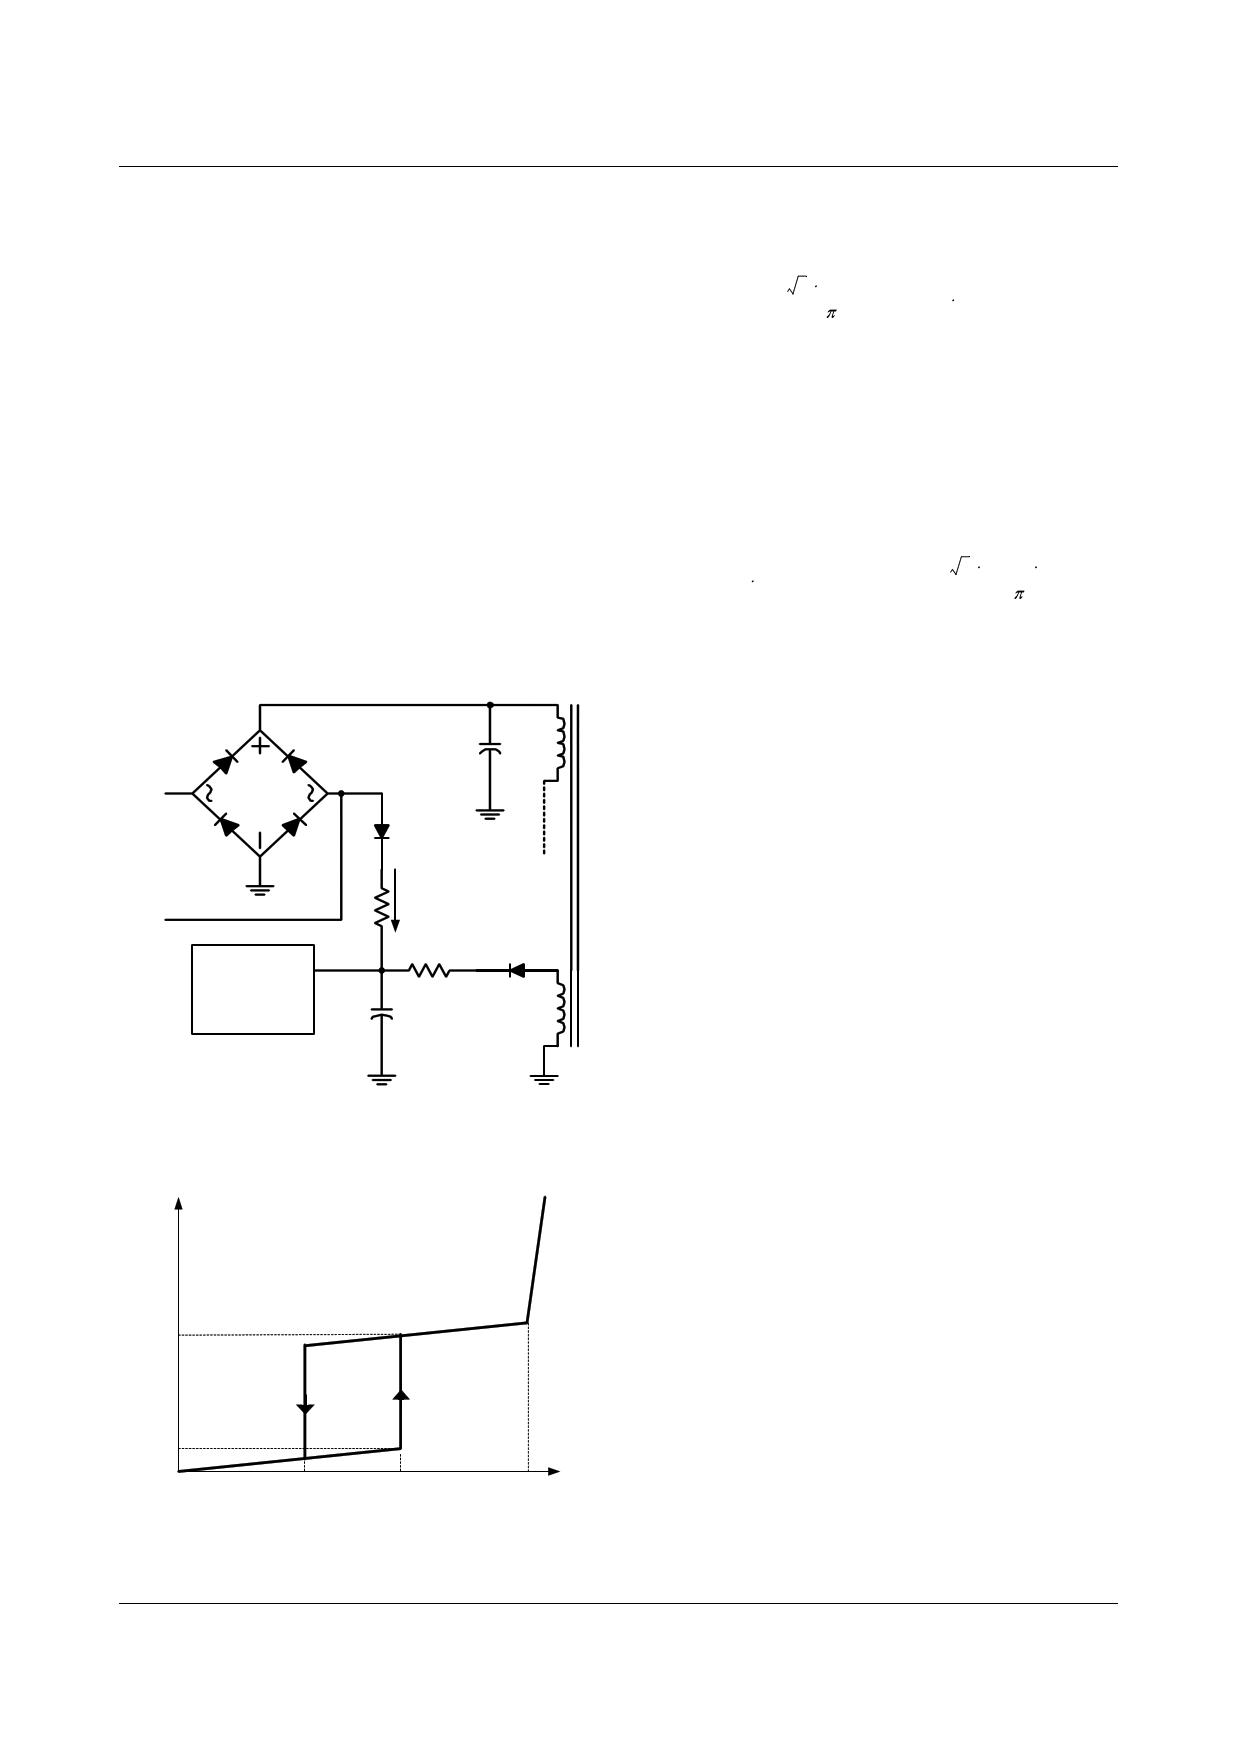 FS7M0680YDTU arduino